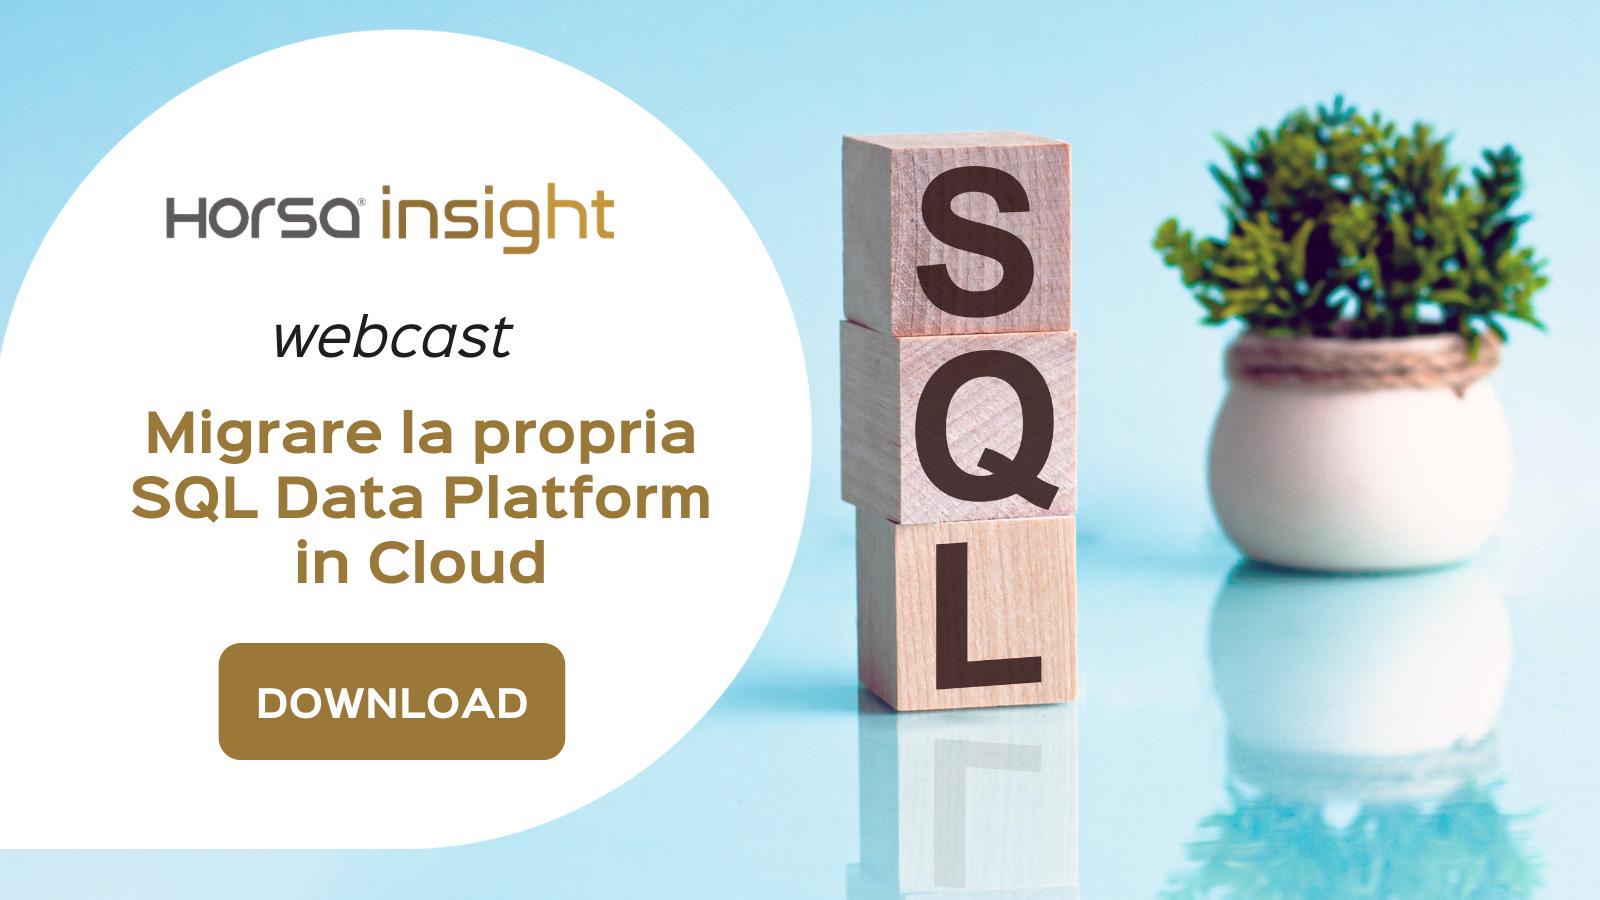 webcast-sql-data-platform-in-cloud-horsa